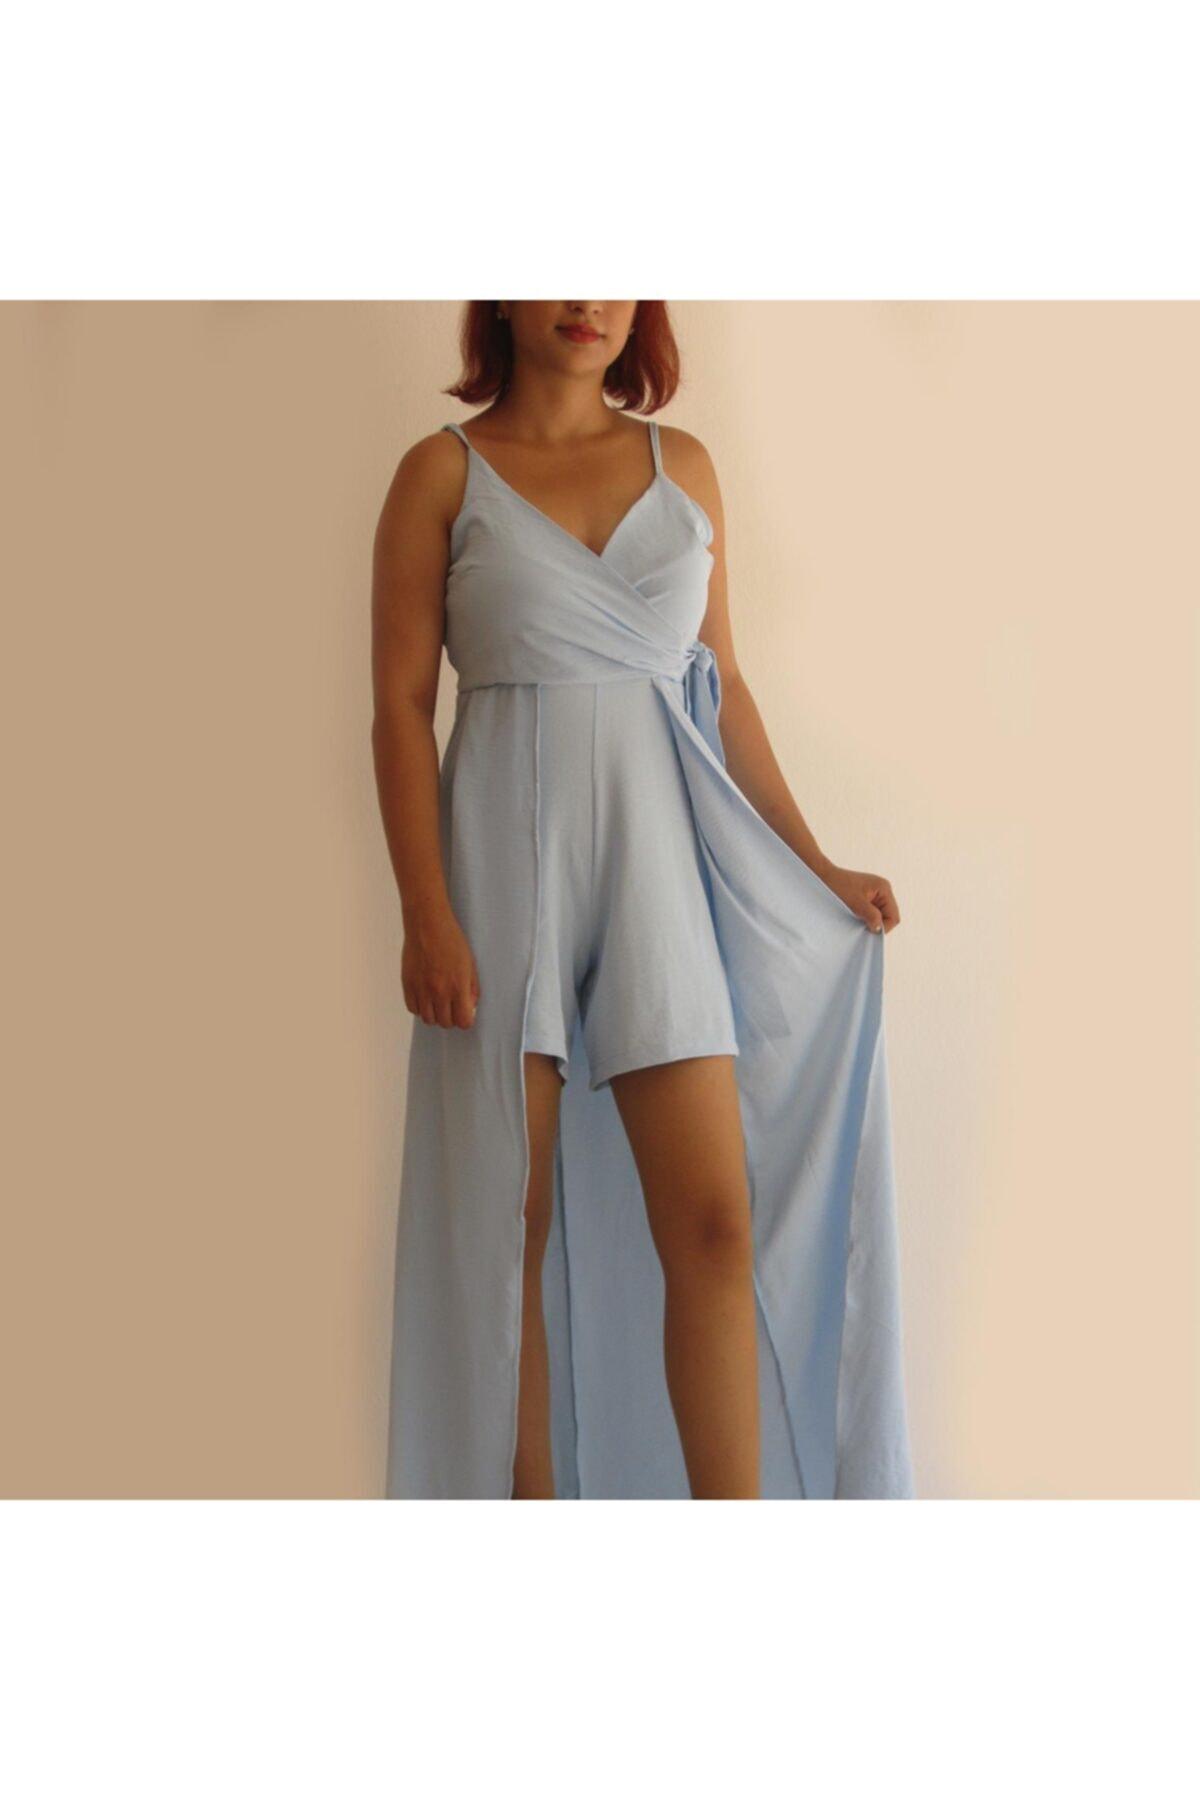 Zirve Açık Mavi Ayarlanır Askılı Şortlu Elbise 2